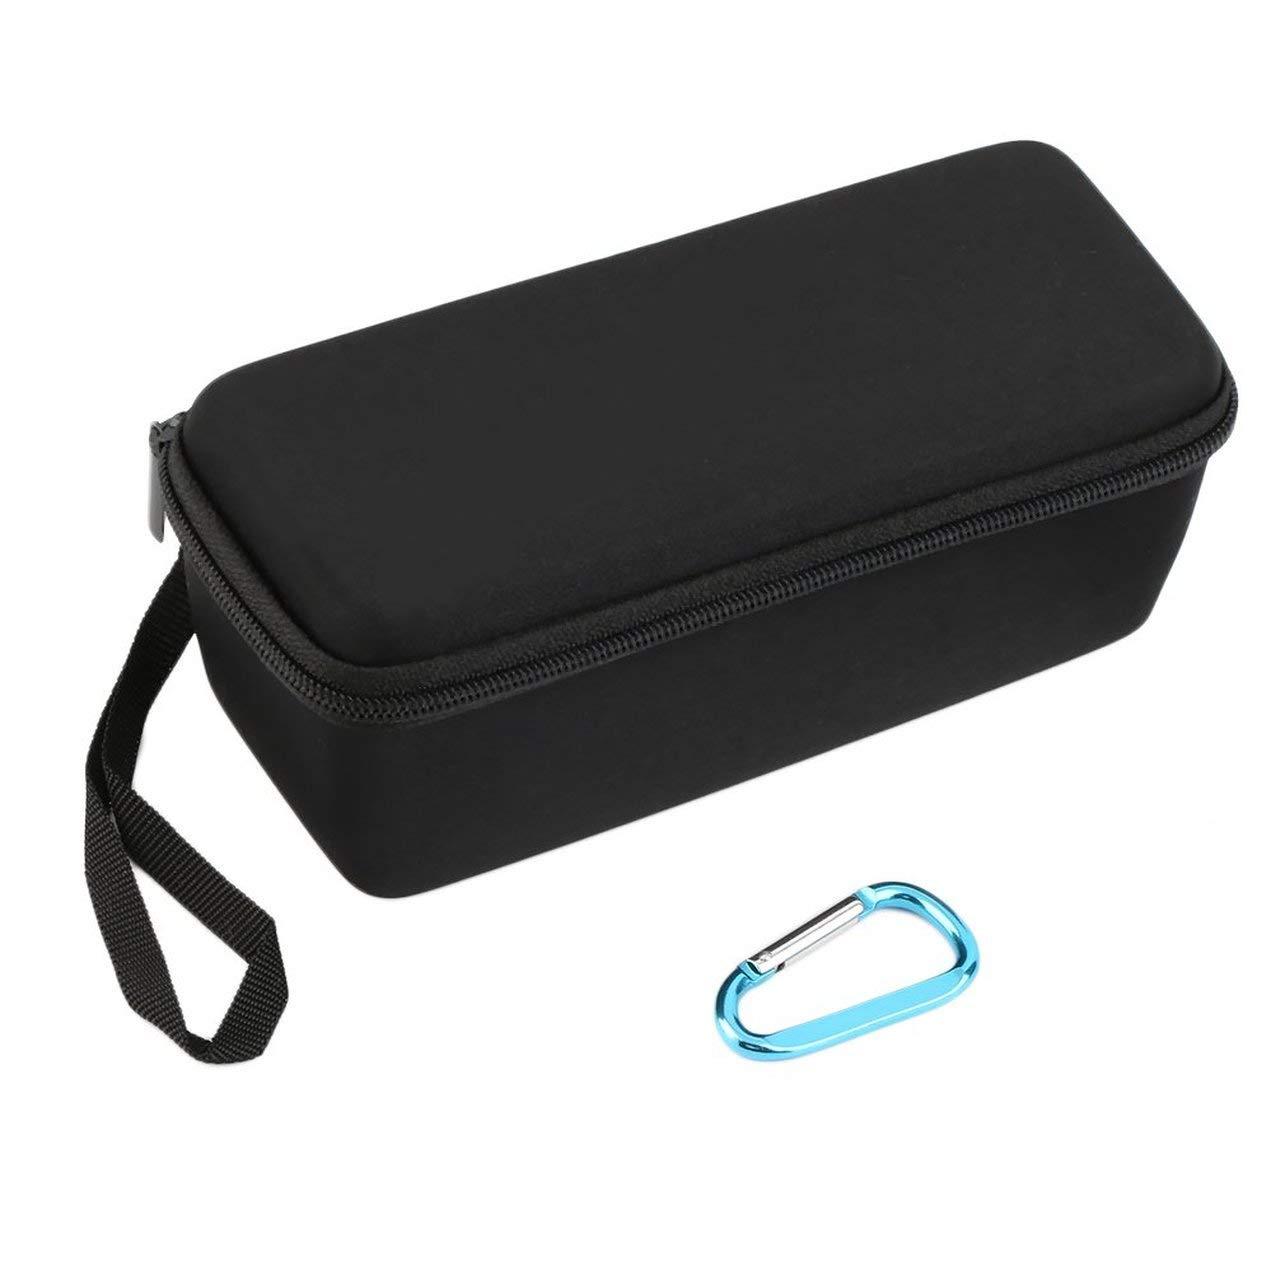 Bolso de la Cubierta de la Caja del Viaje de EVA Carry para el Mini Altavoz de Bose Soundlink Bluetooth WOSOSYEYO